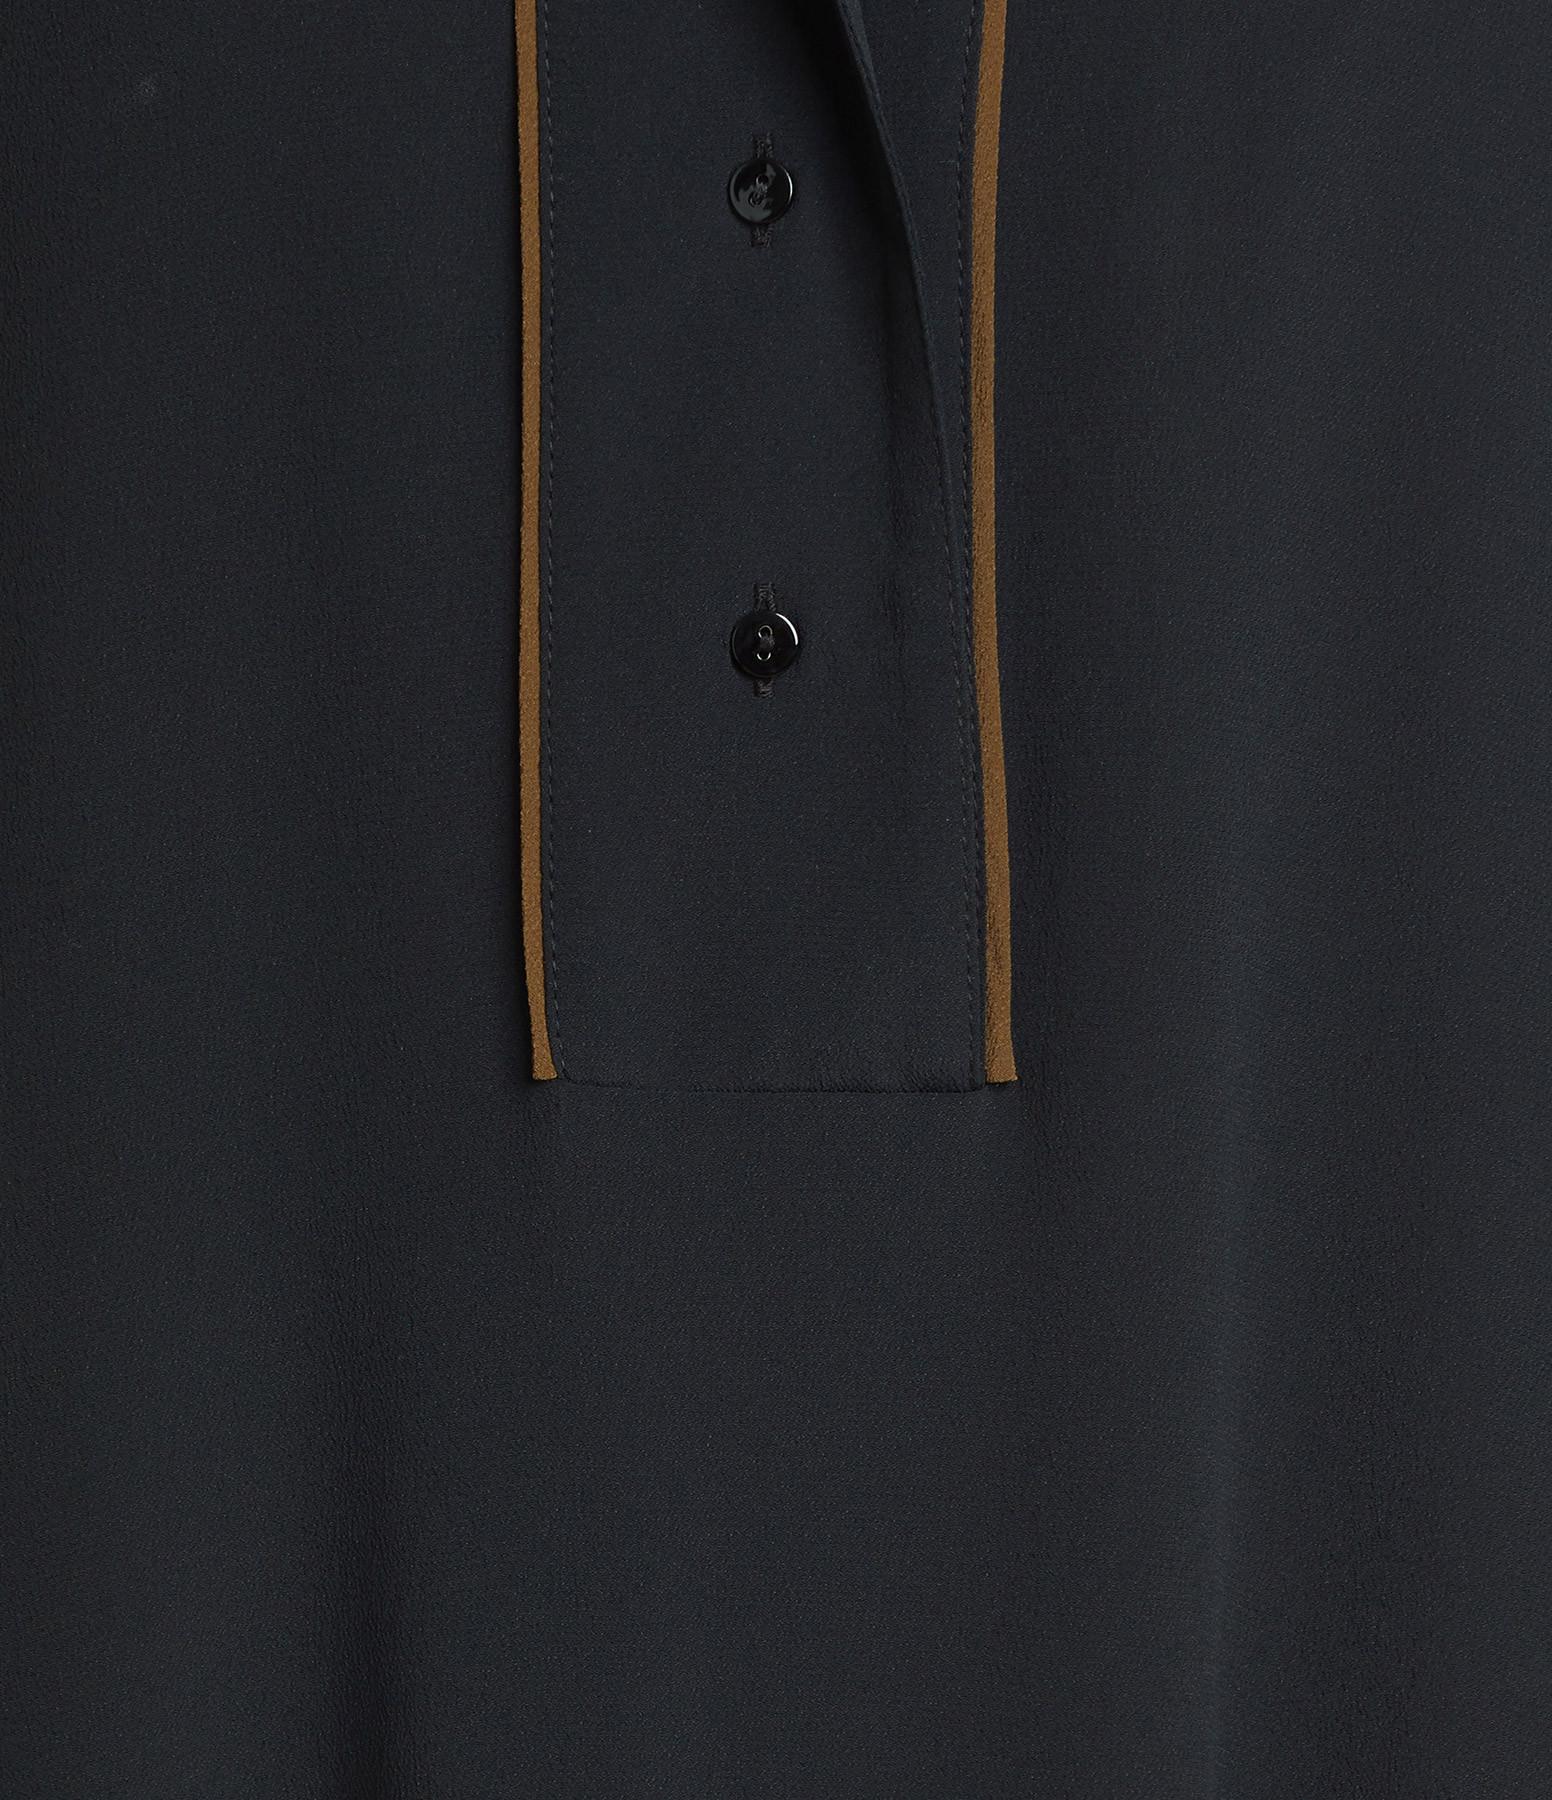 MOMONI - Robe Bata Soie Noir